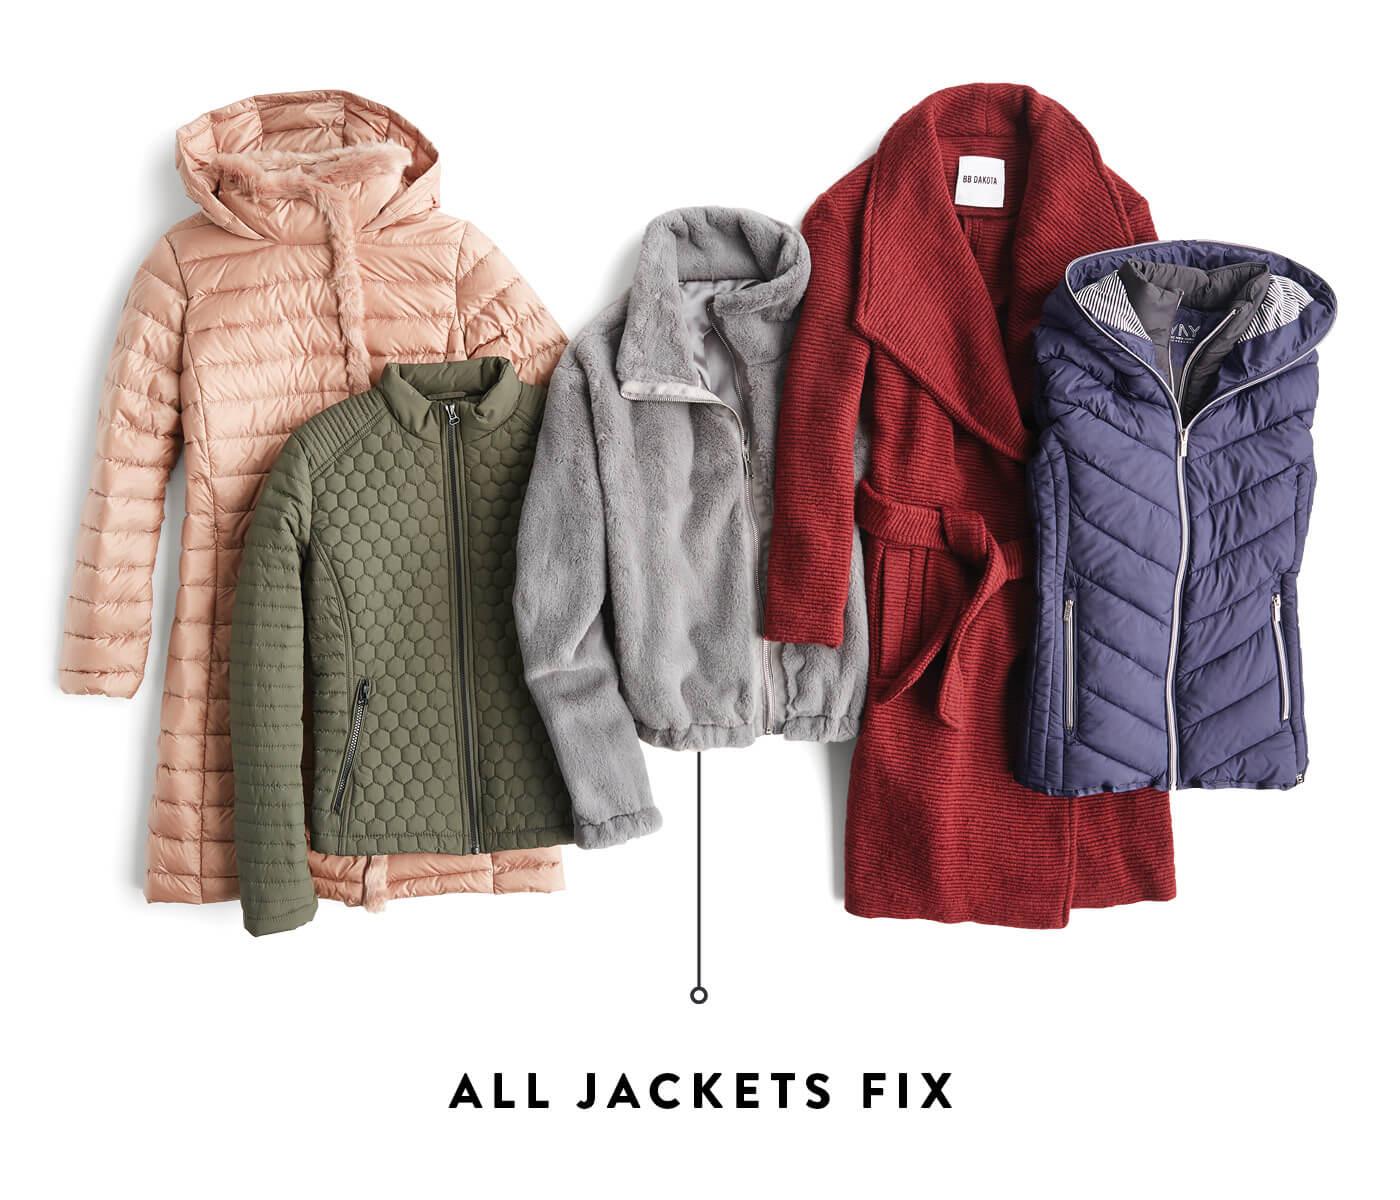 all jackets fix